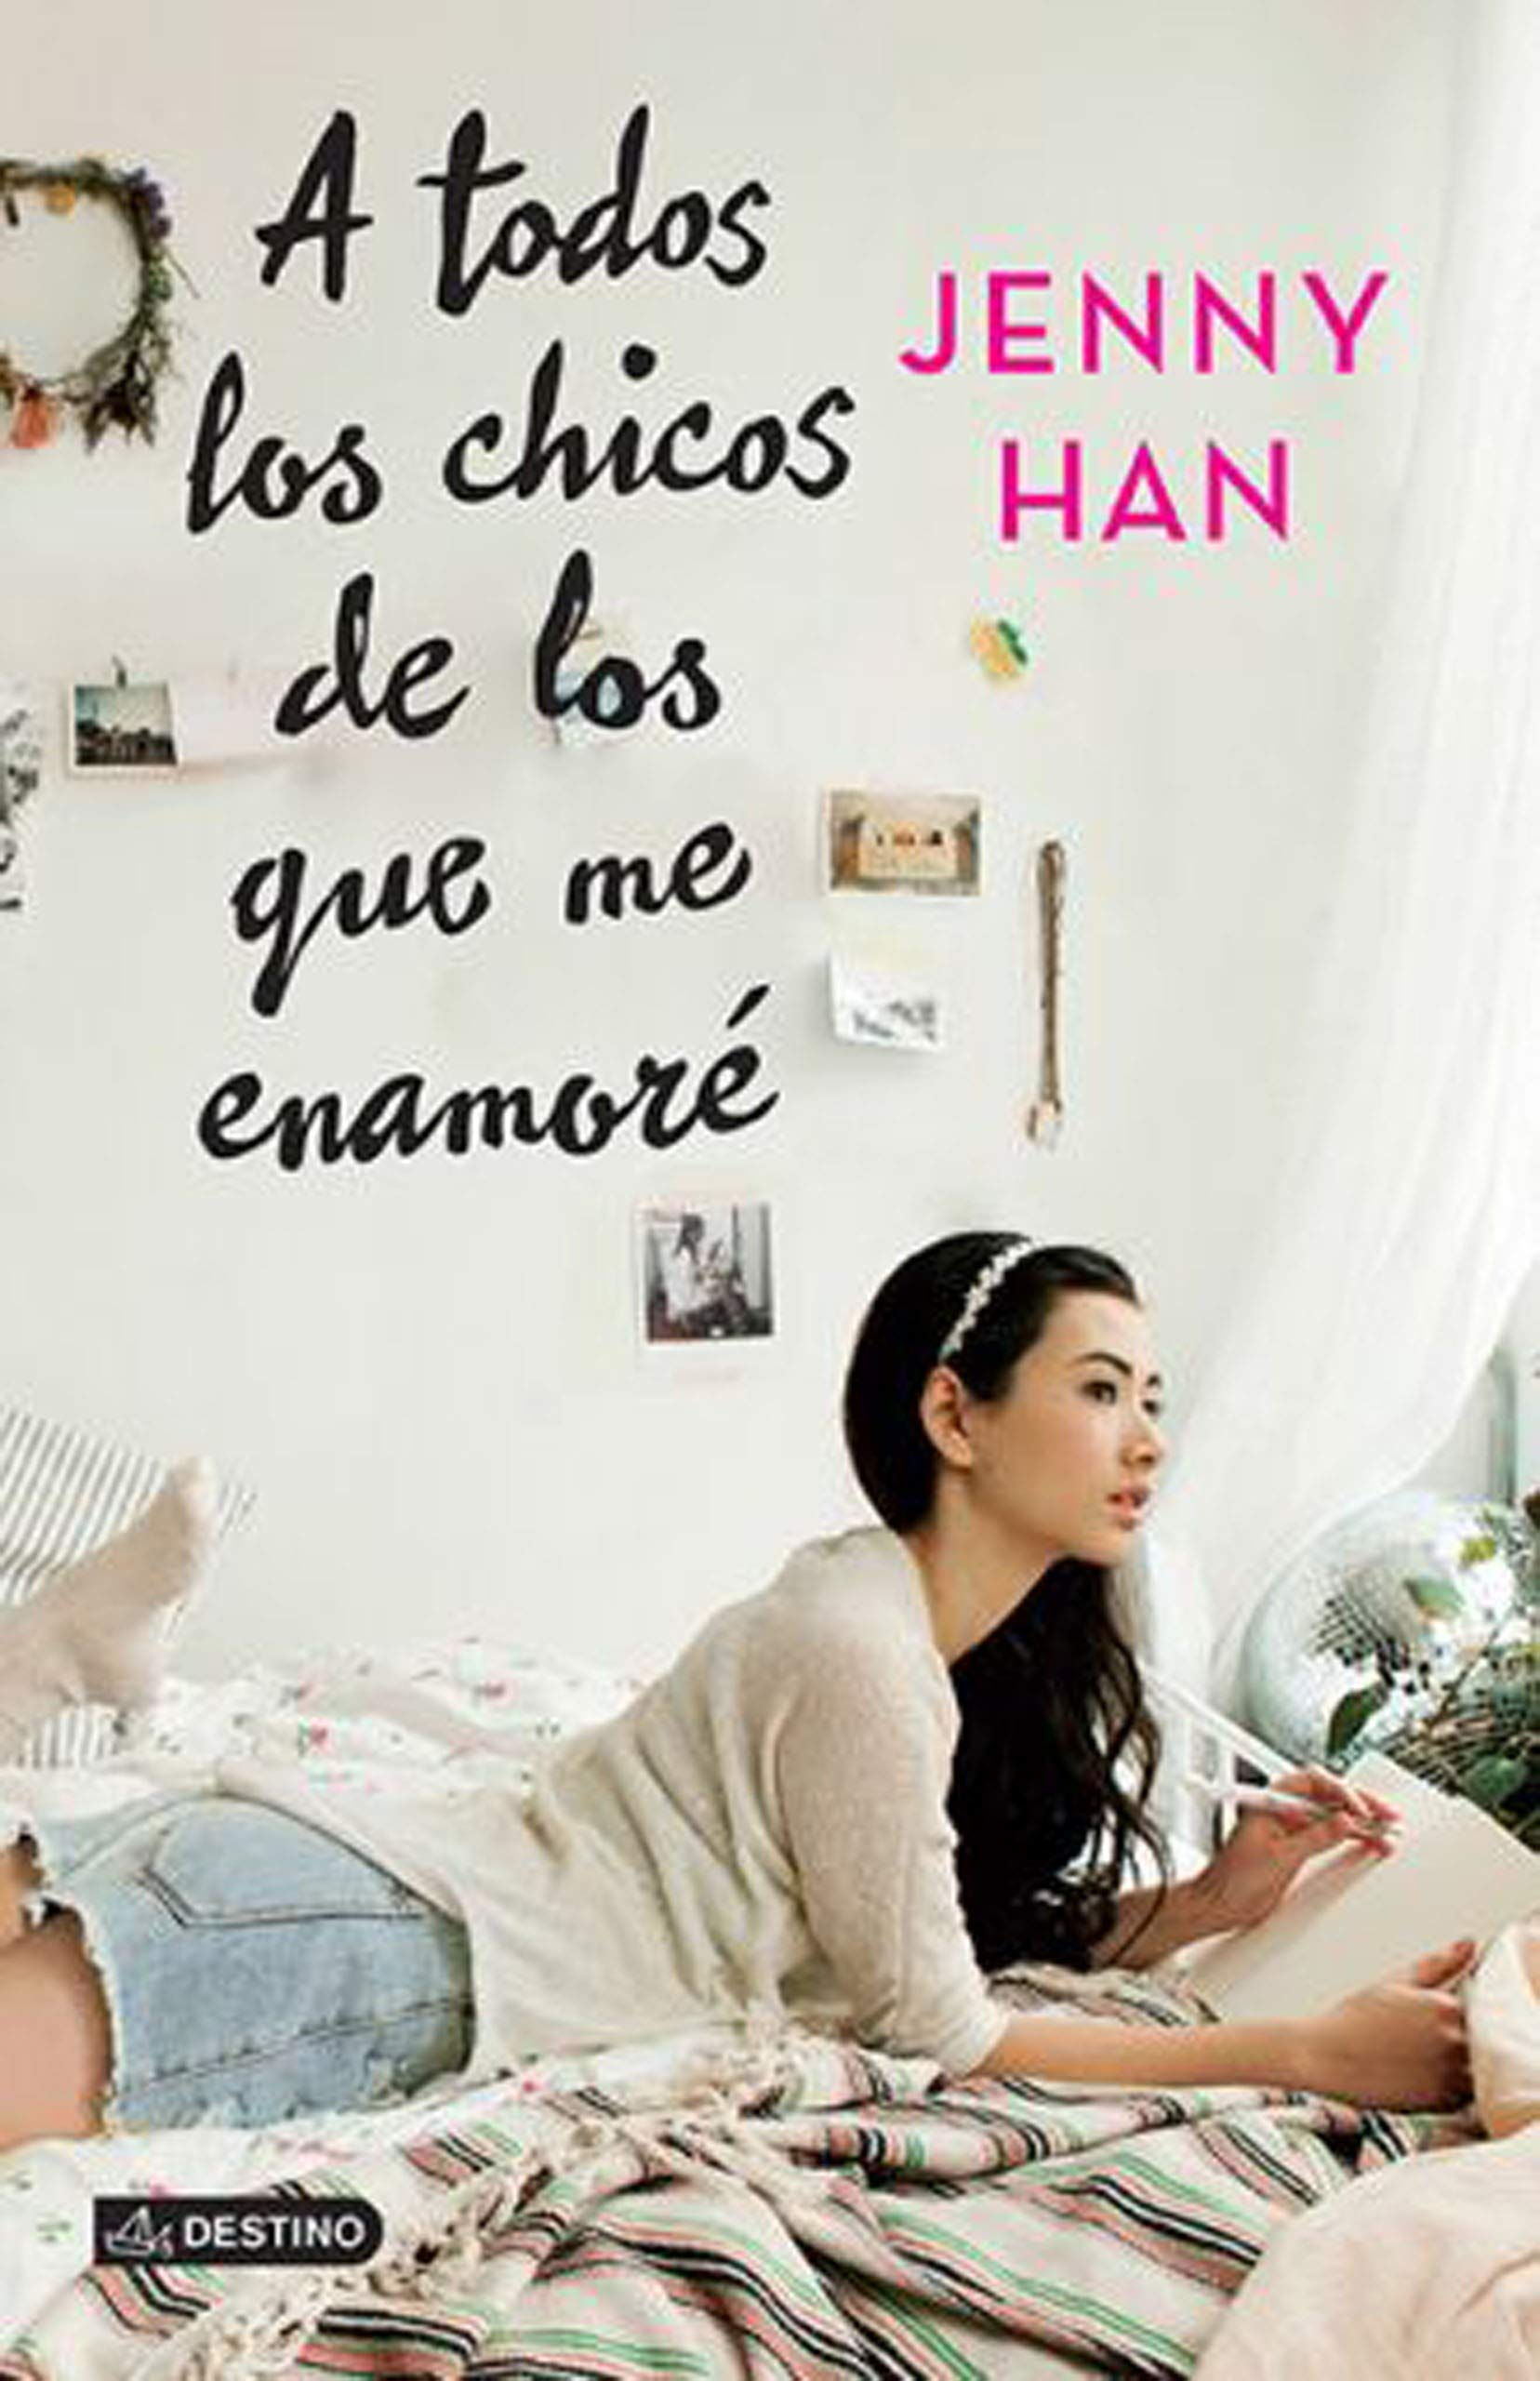 A Todos Los Chicos De Los Que Me Enamoré Spanish Edition 9786070725586 Han Jenny Books